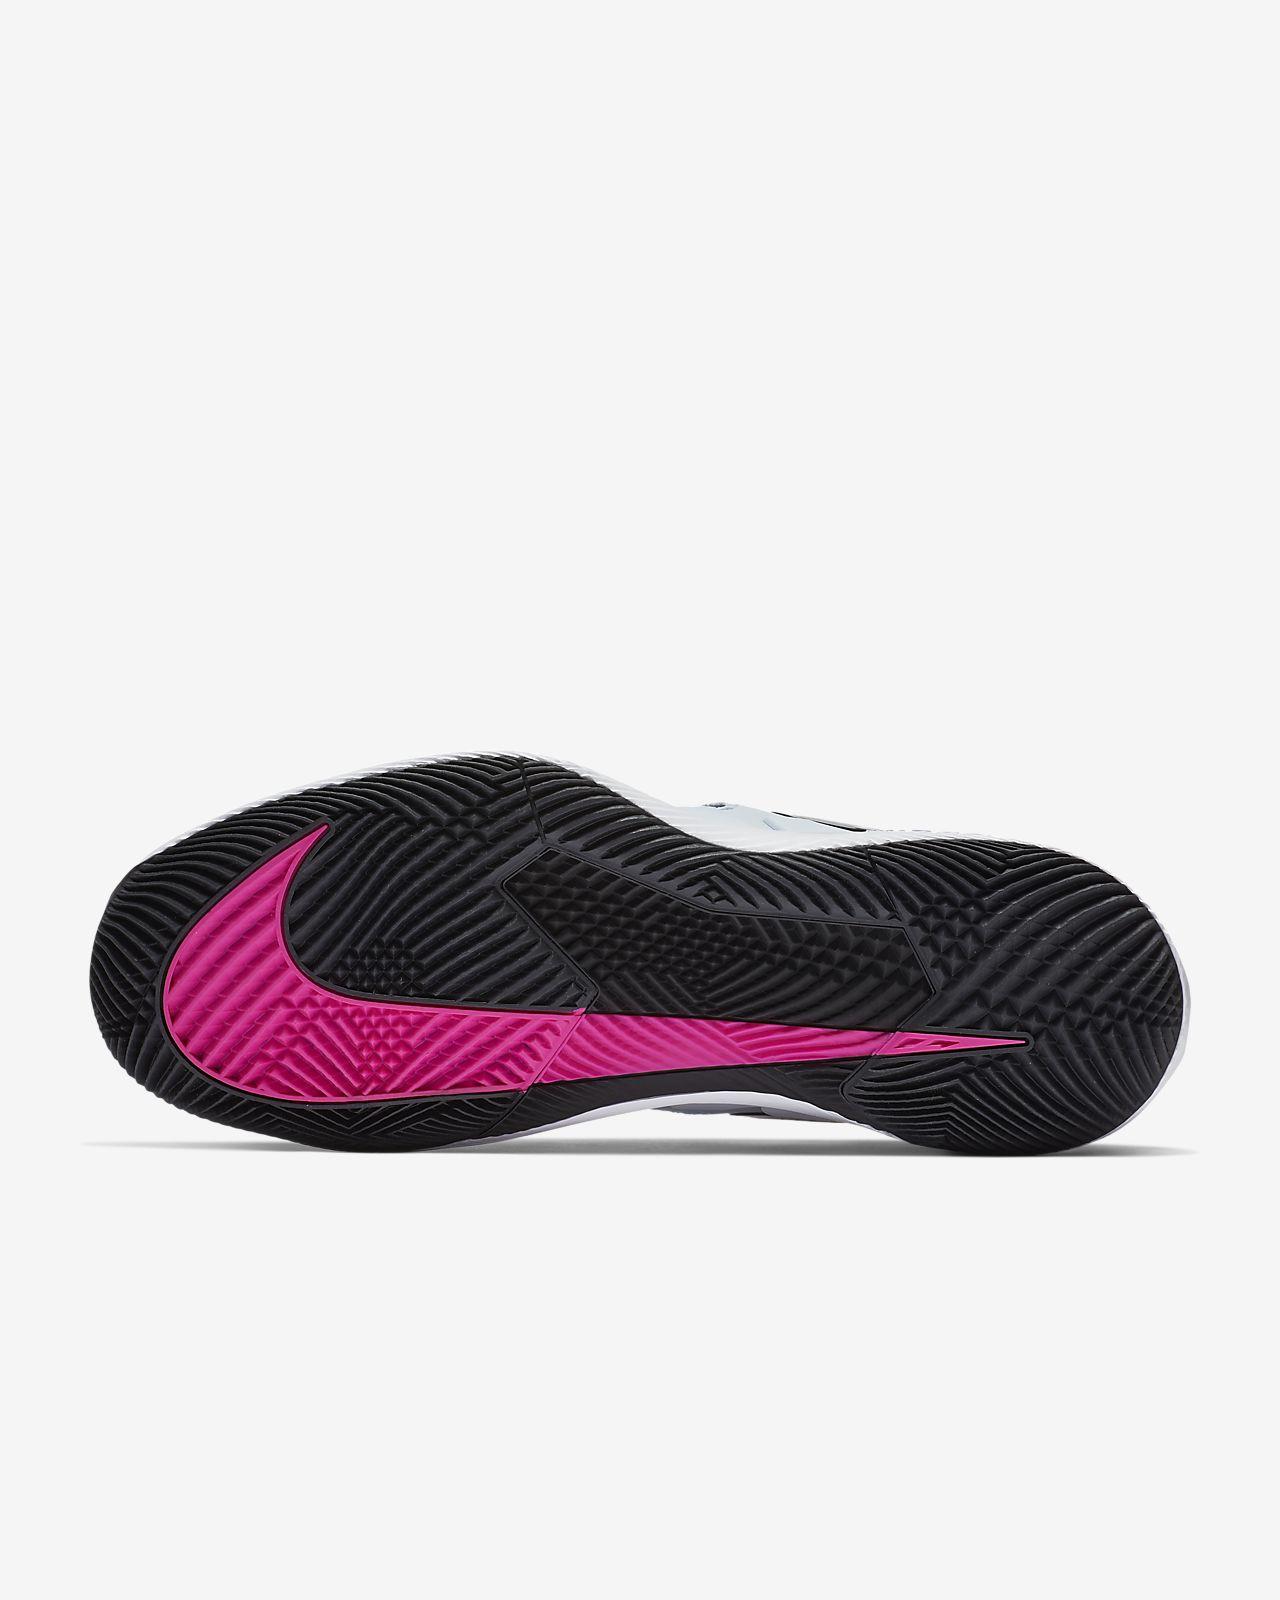 Chaussure de tennis pour surface dure NikeCourt Air Zoom